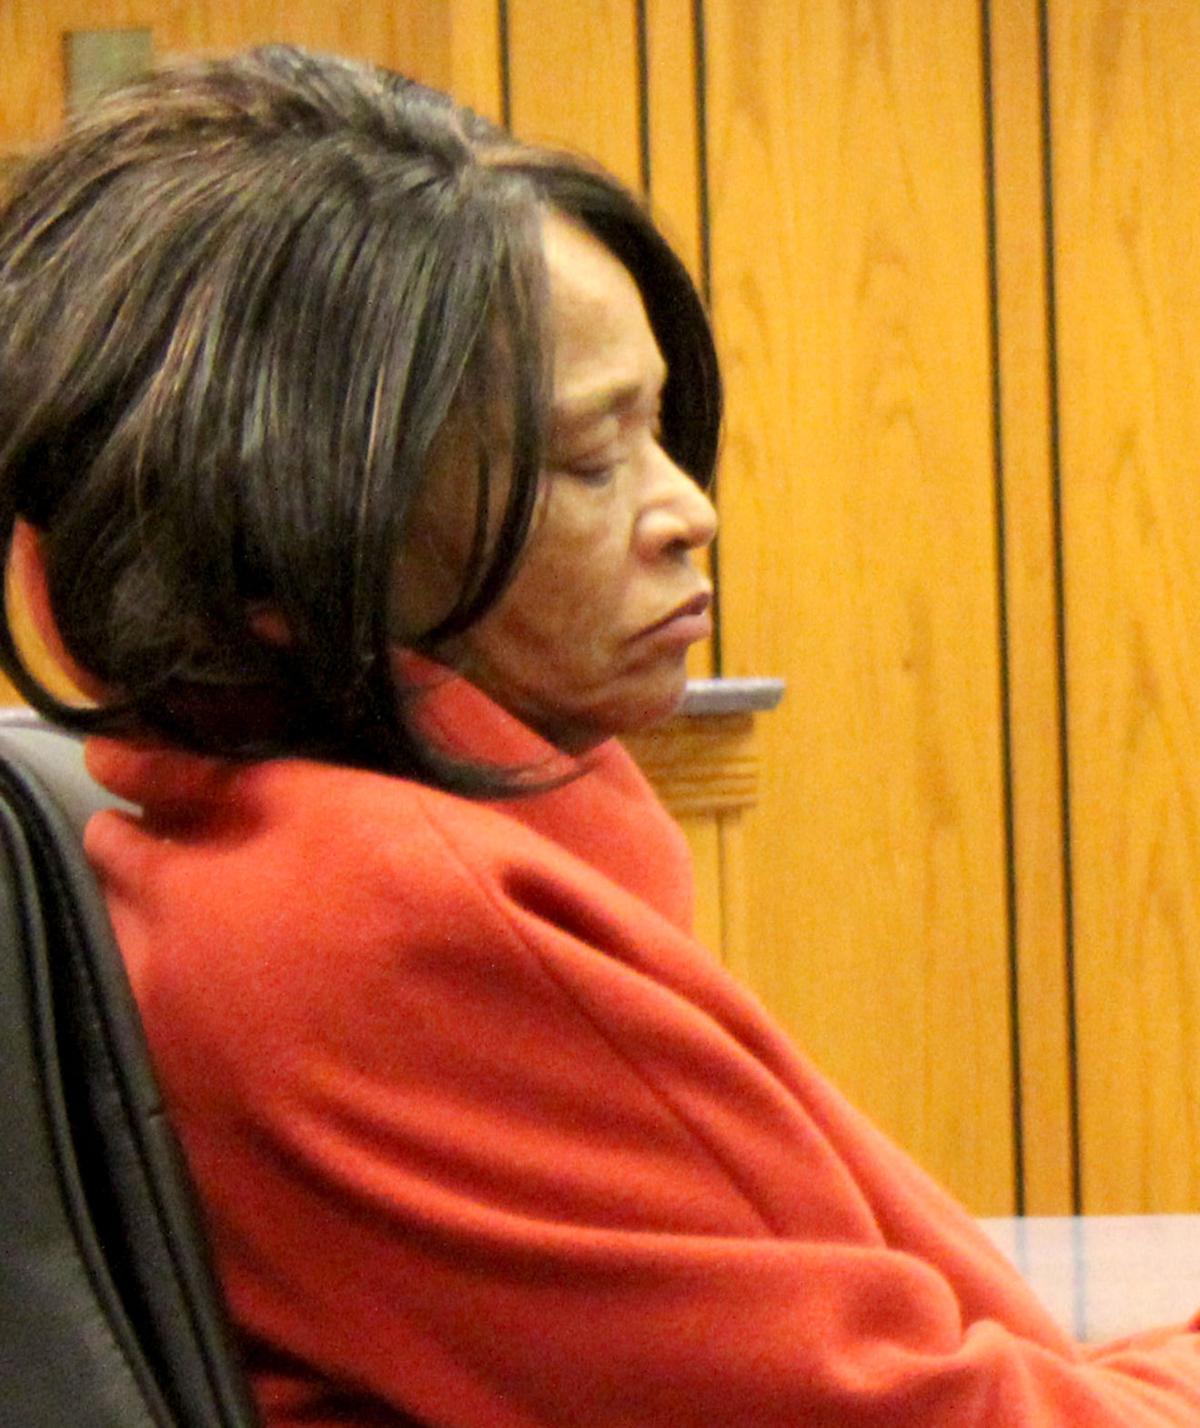 Marjorie Jones found guilty of aiding son Laverne Ware Jr.